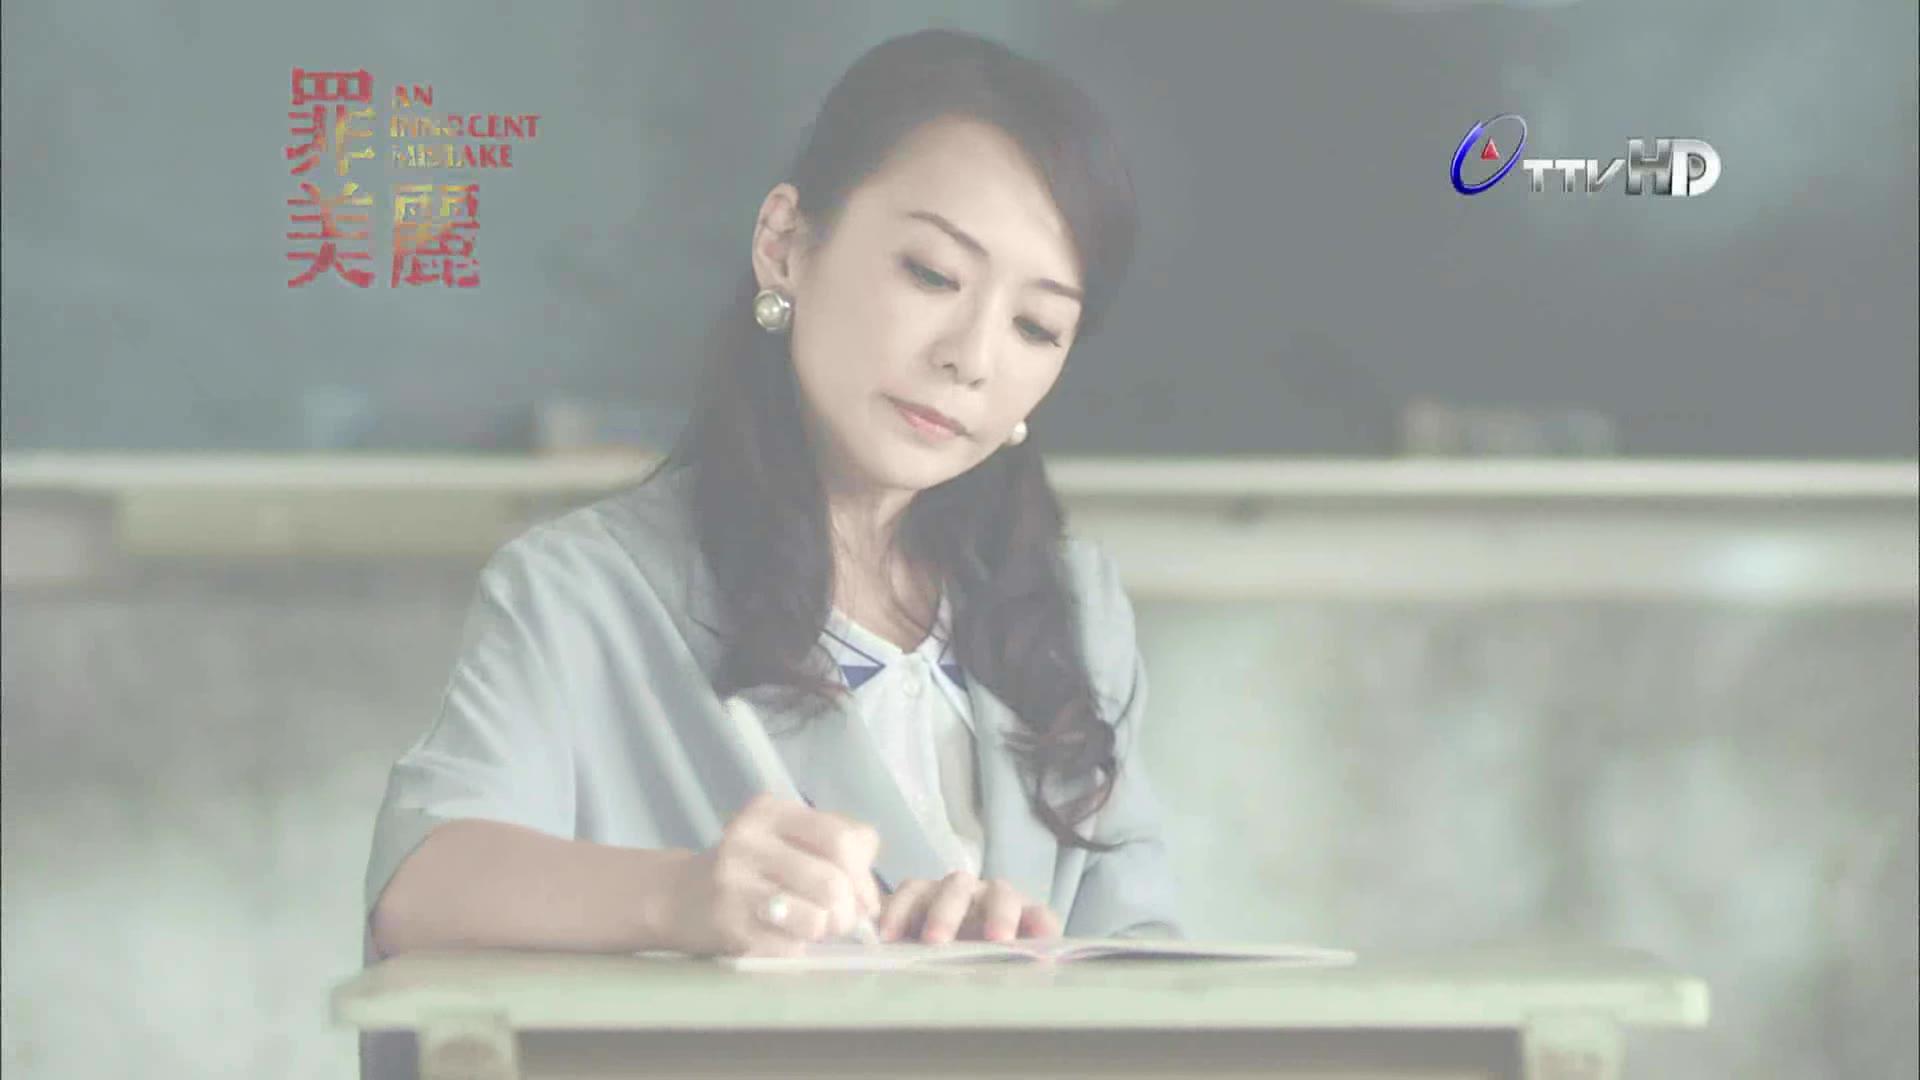 Official Trailer: Yu Jun Hui: An Innocent Mistake